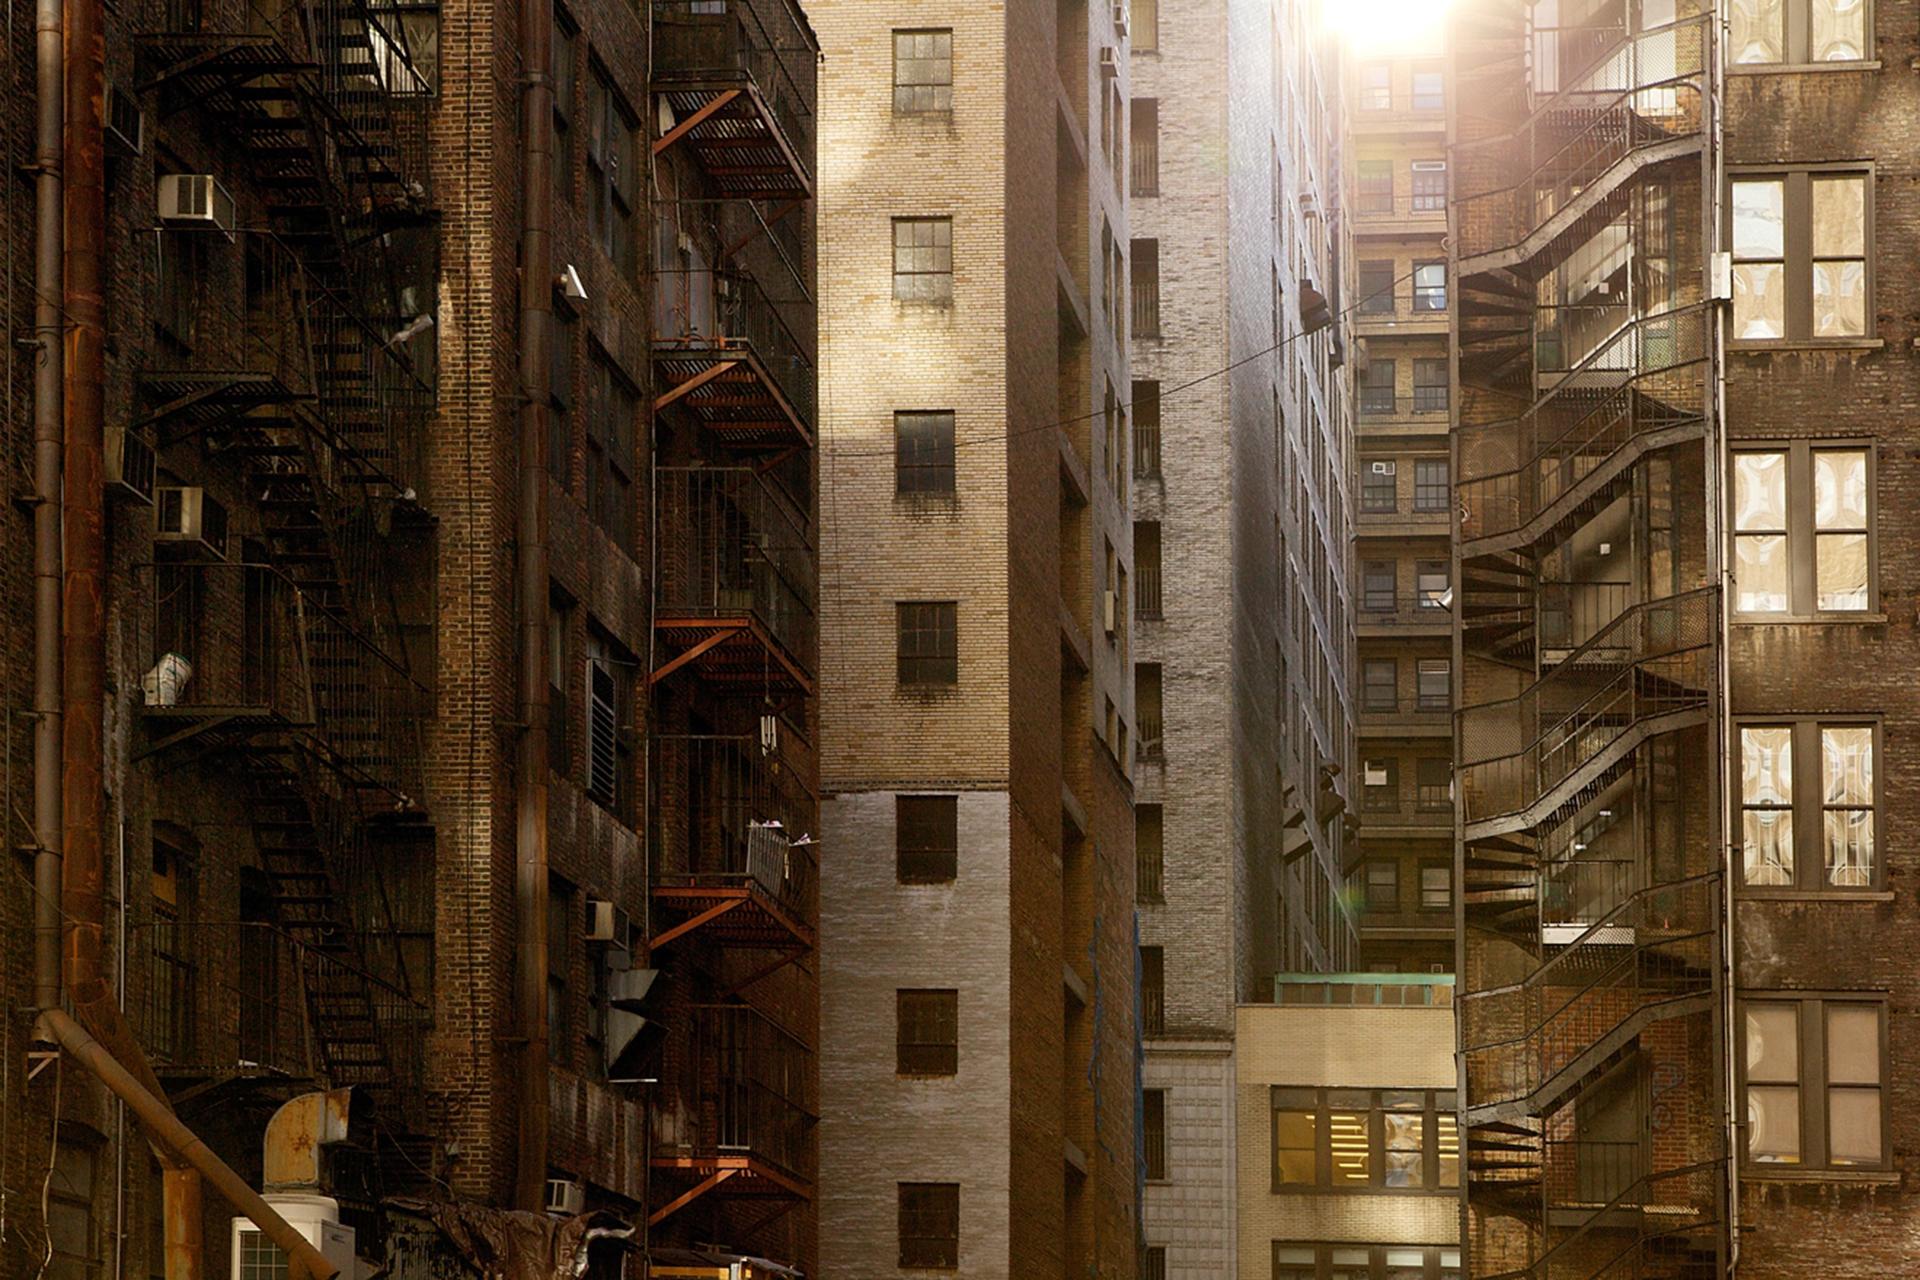 city post - Miłość i śmierć w tym, co zostało z twego miasta